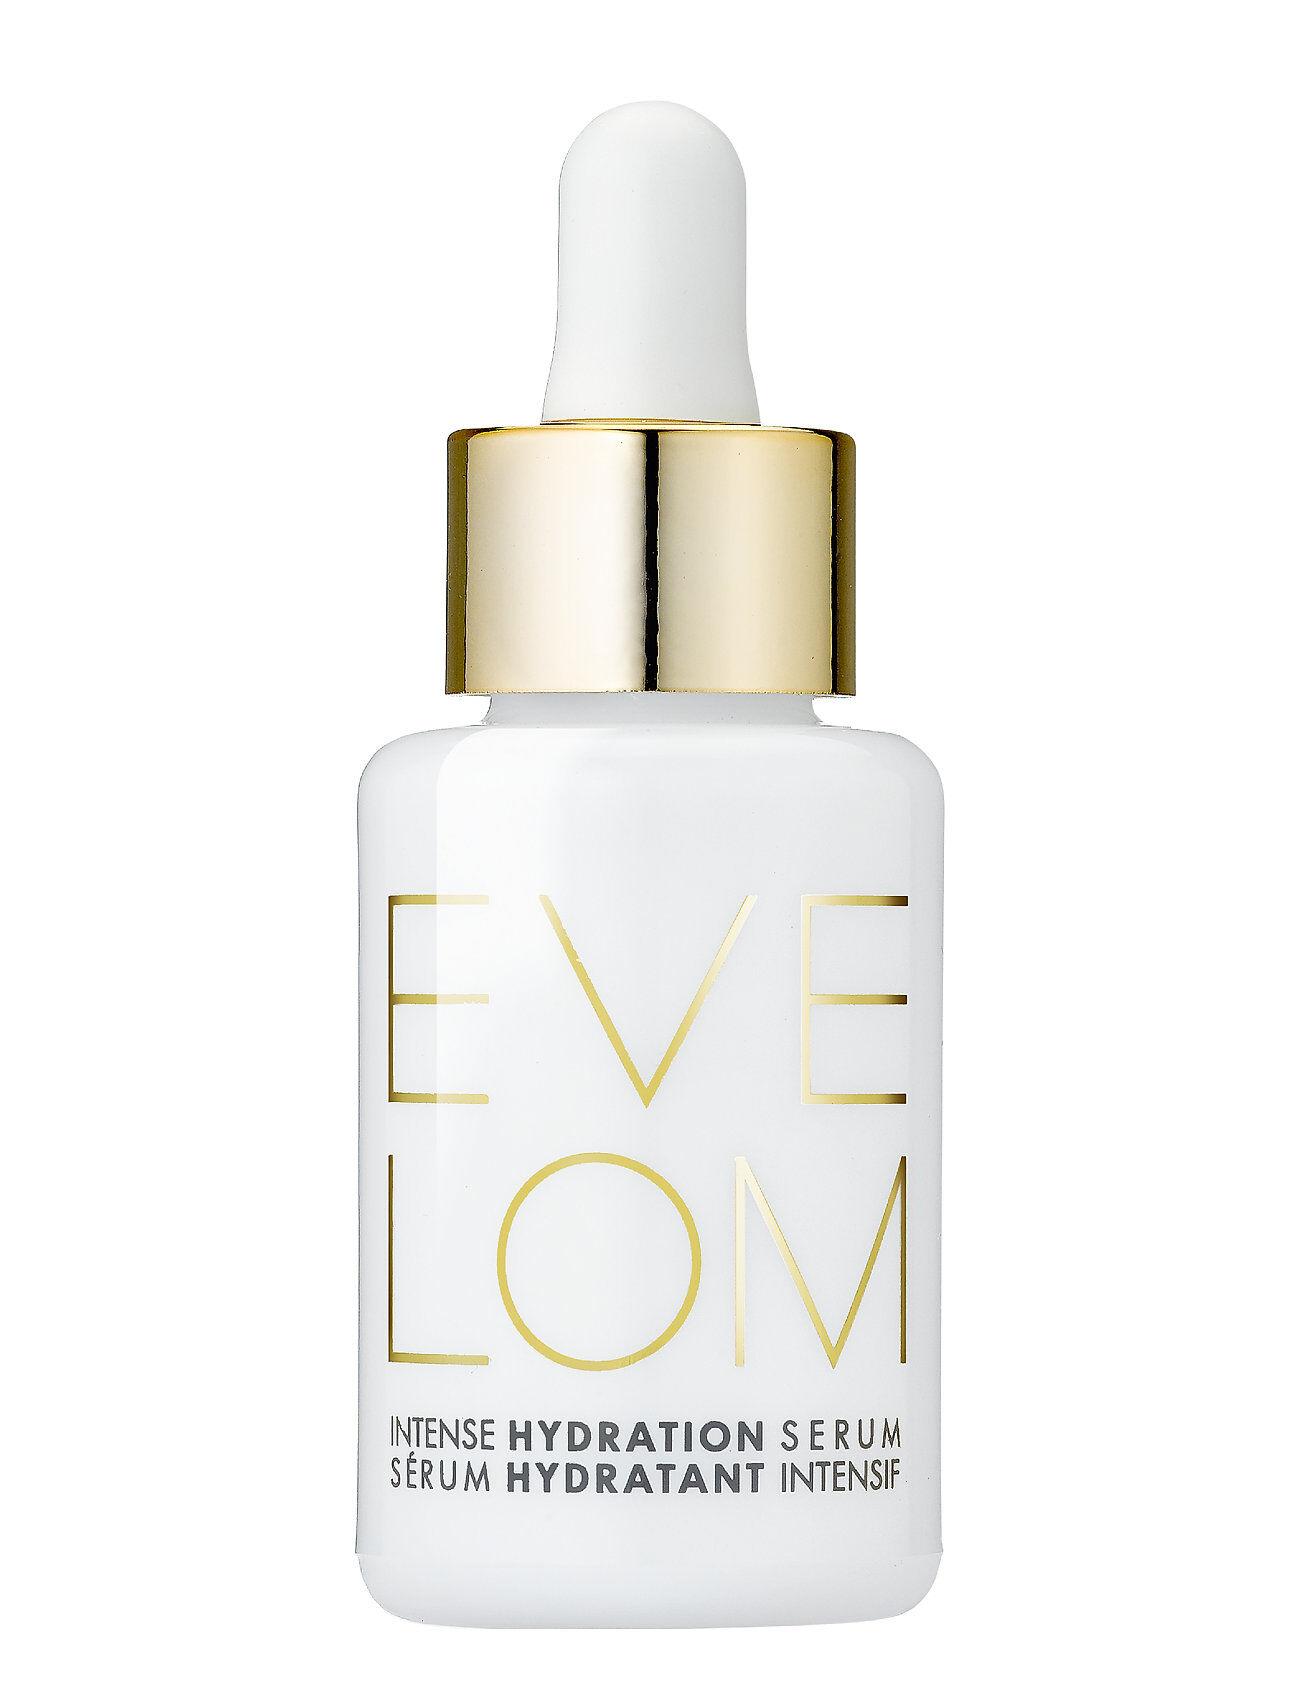 EVE LOM Intense Hydration Serum Seerumi Kasvot Ihonhoito Nude